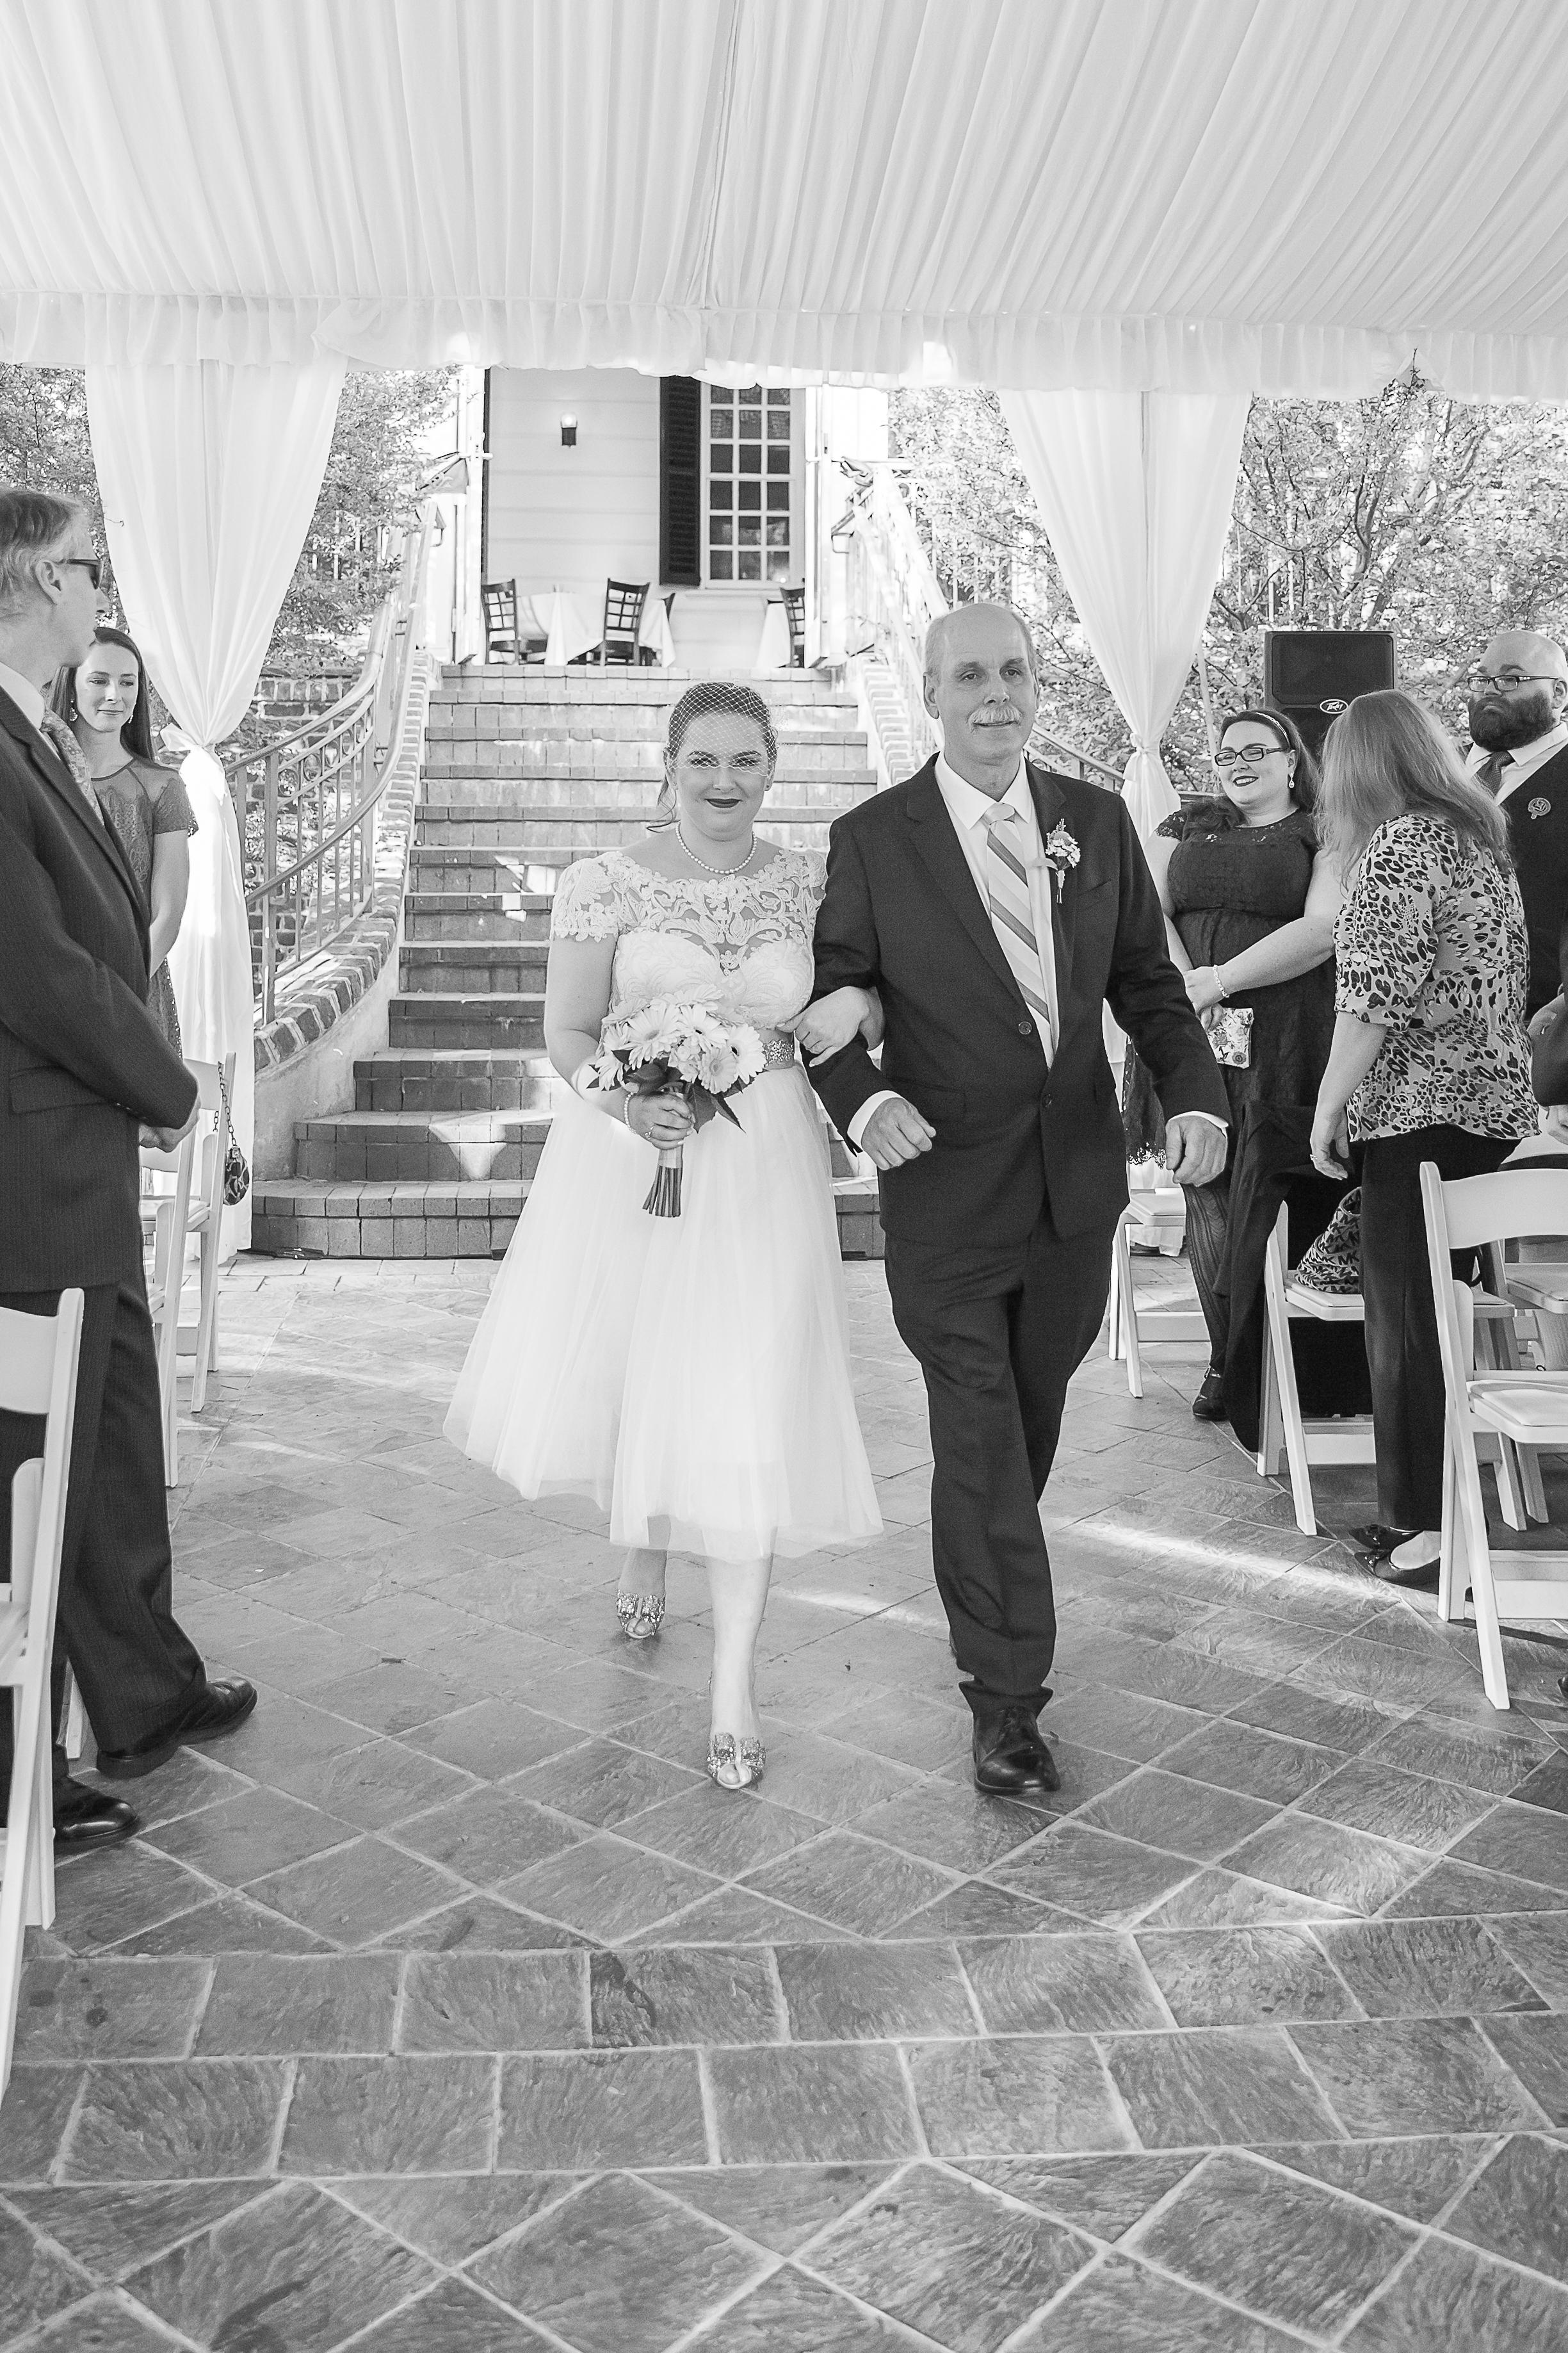 K-S-Wedding-Kim-Pham-Clark-Photography-204.jpg